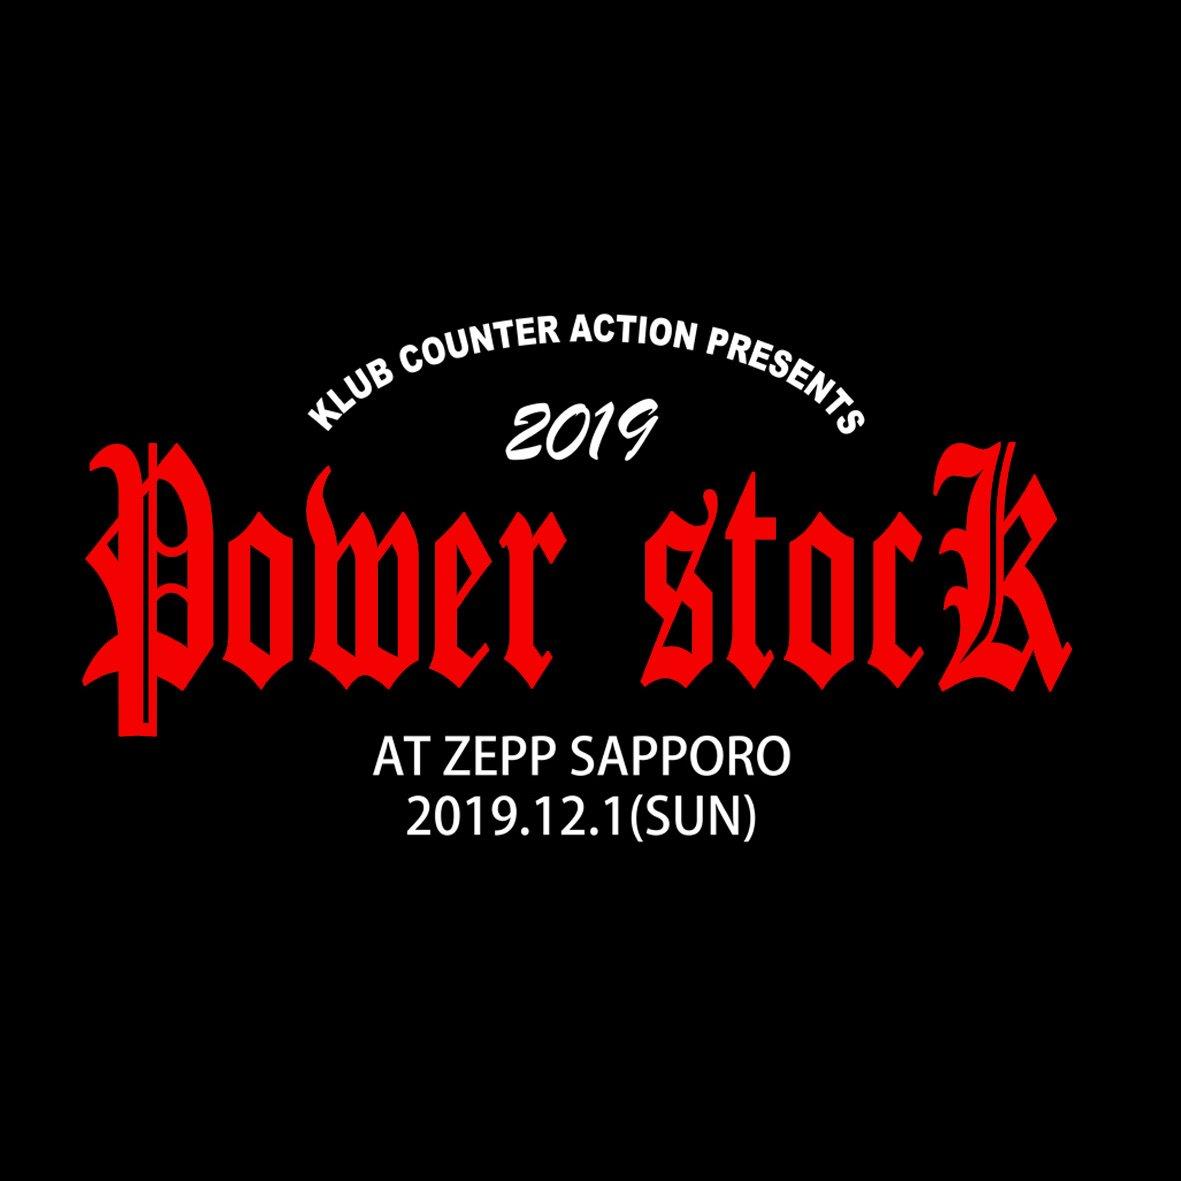 【チケット最終販売】POWER STOCK 2019 in ZEPP SAPPORのチケットが通販キャンセルに伴い最終販売決定。数に限りがありますので、お早めにお買い求め下さい。(お一人様一枚 / クレジットカード・キャリア決済のみ)EXTRA GIGのチケットも好評販売中です。ご購入は